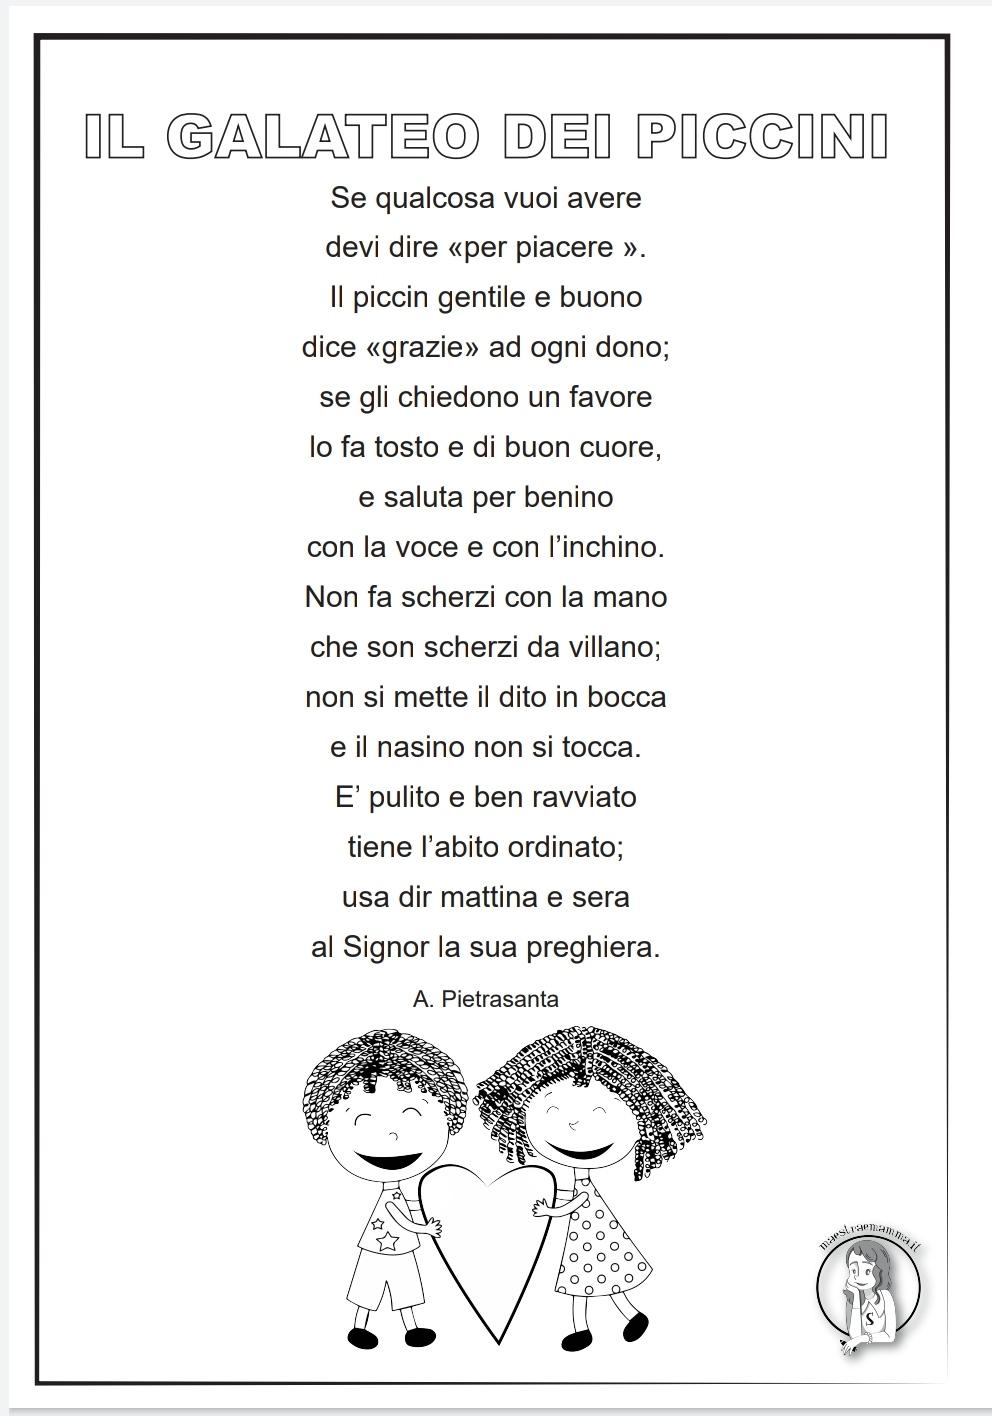 Il galateo dei piccini - poesia